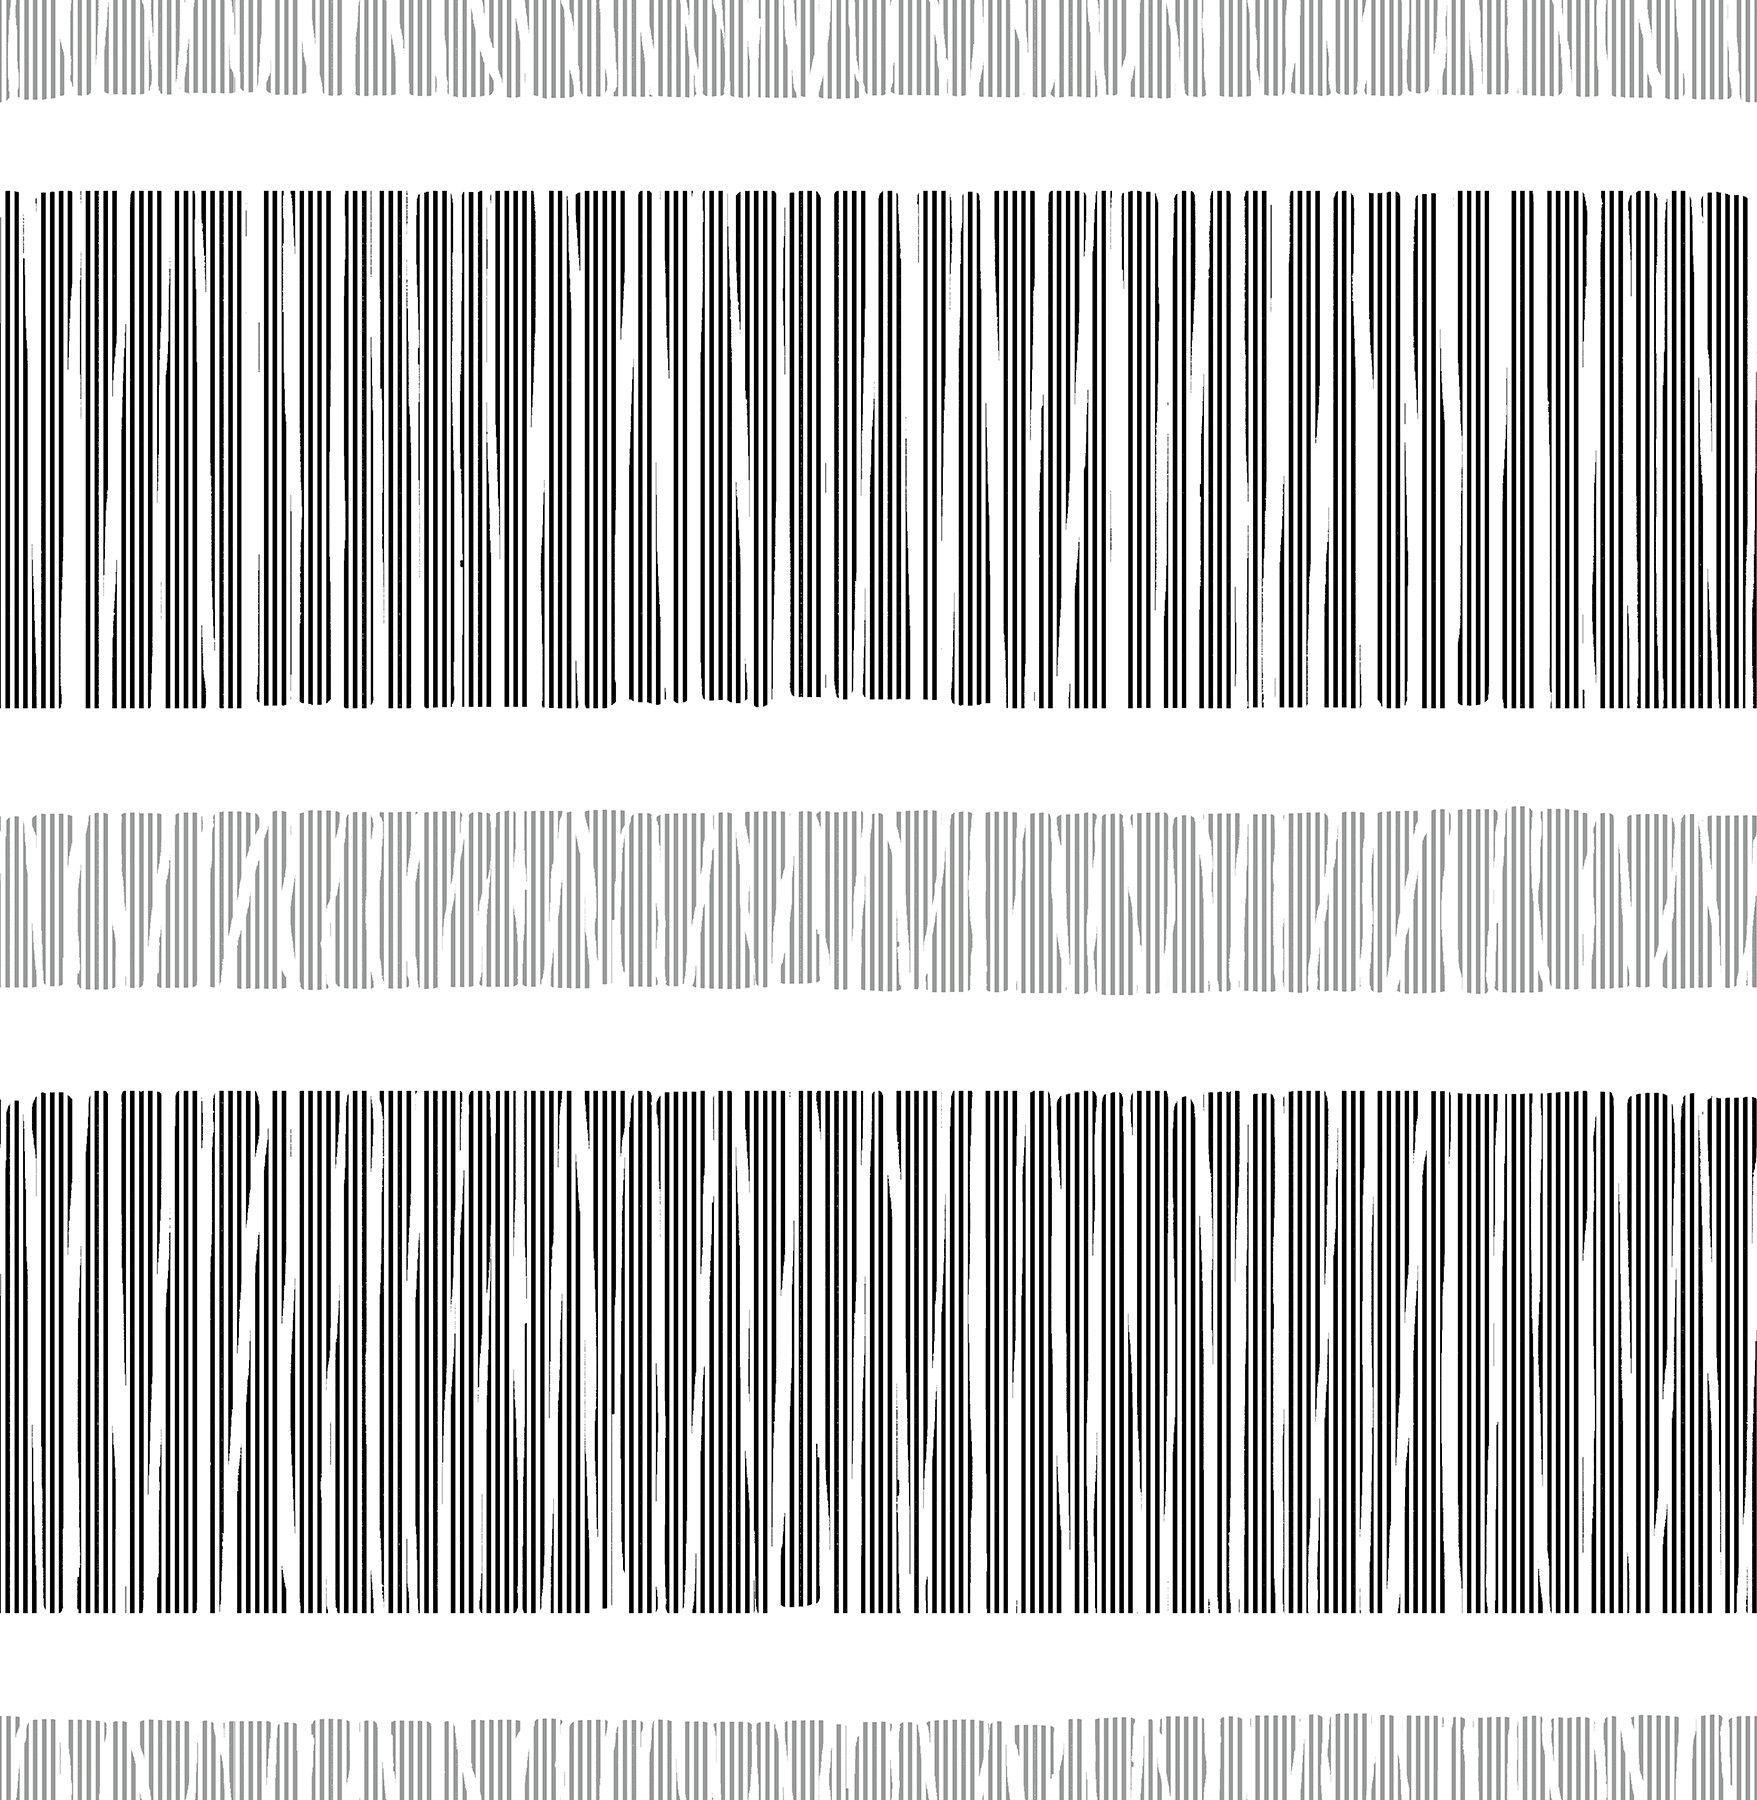 """Eclipse Gravity 33 x 20 5"""" Stripe Wallpaper"""